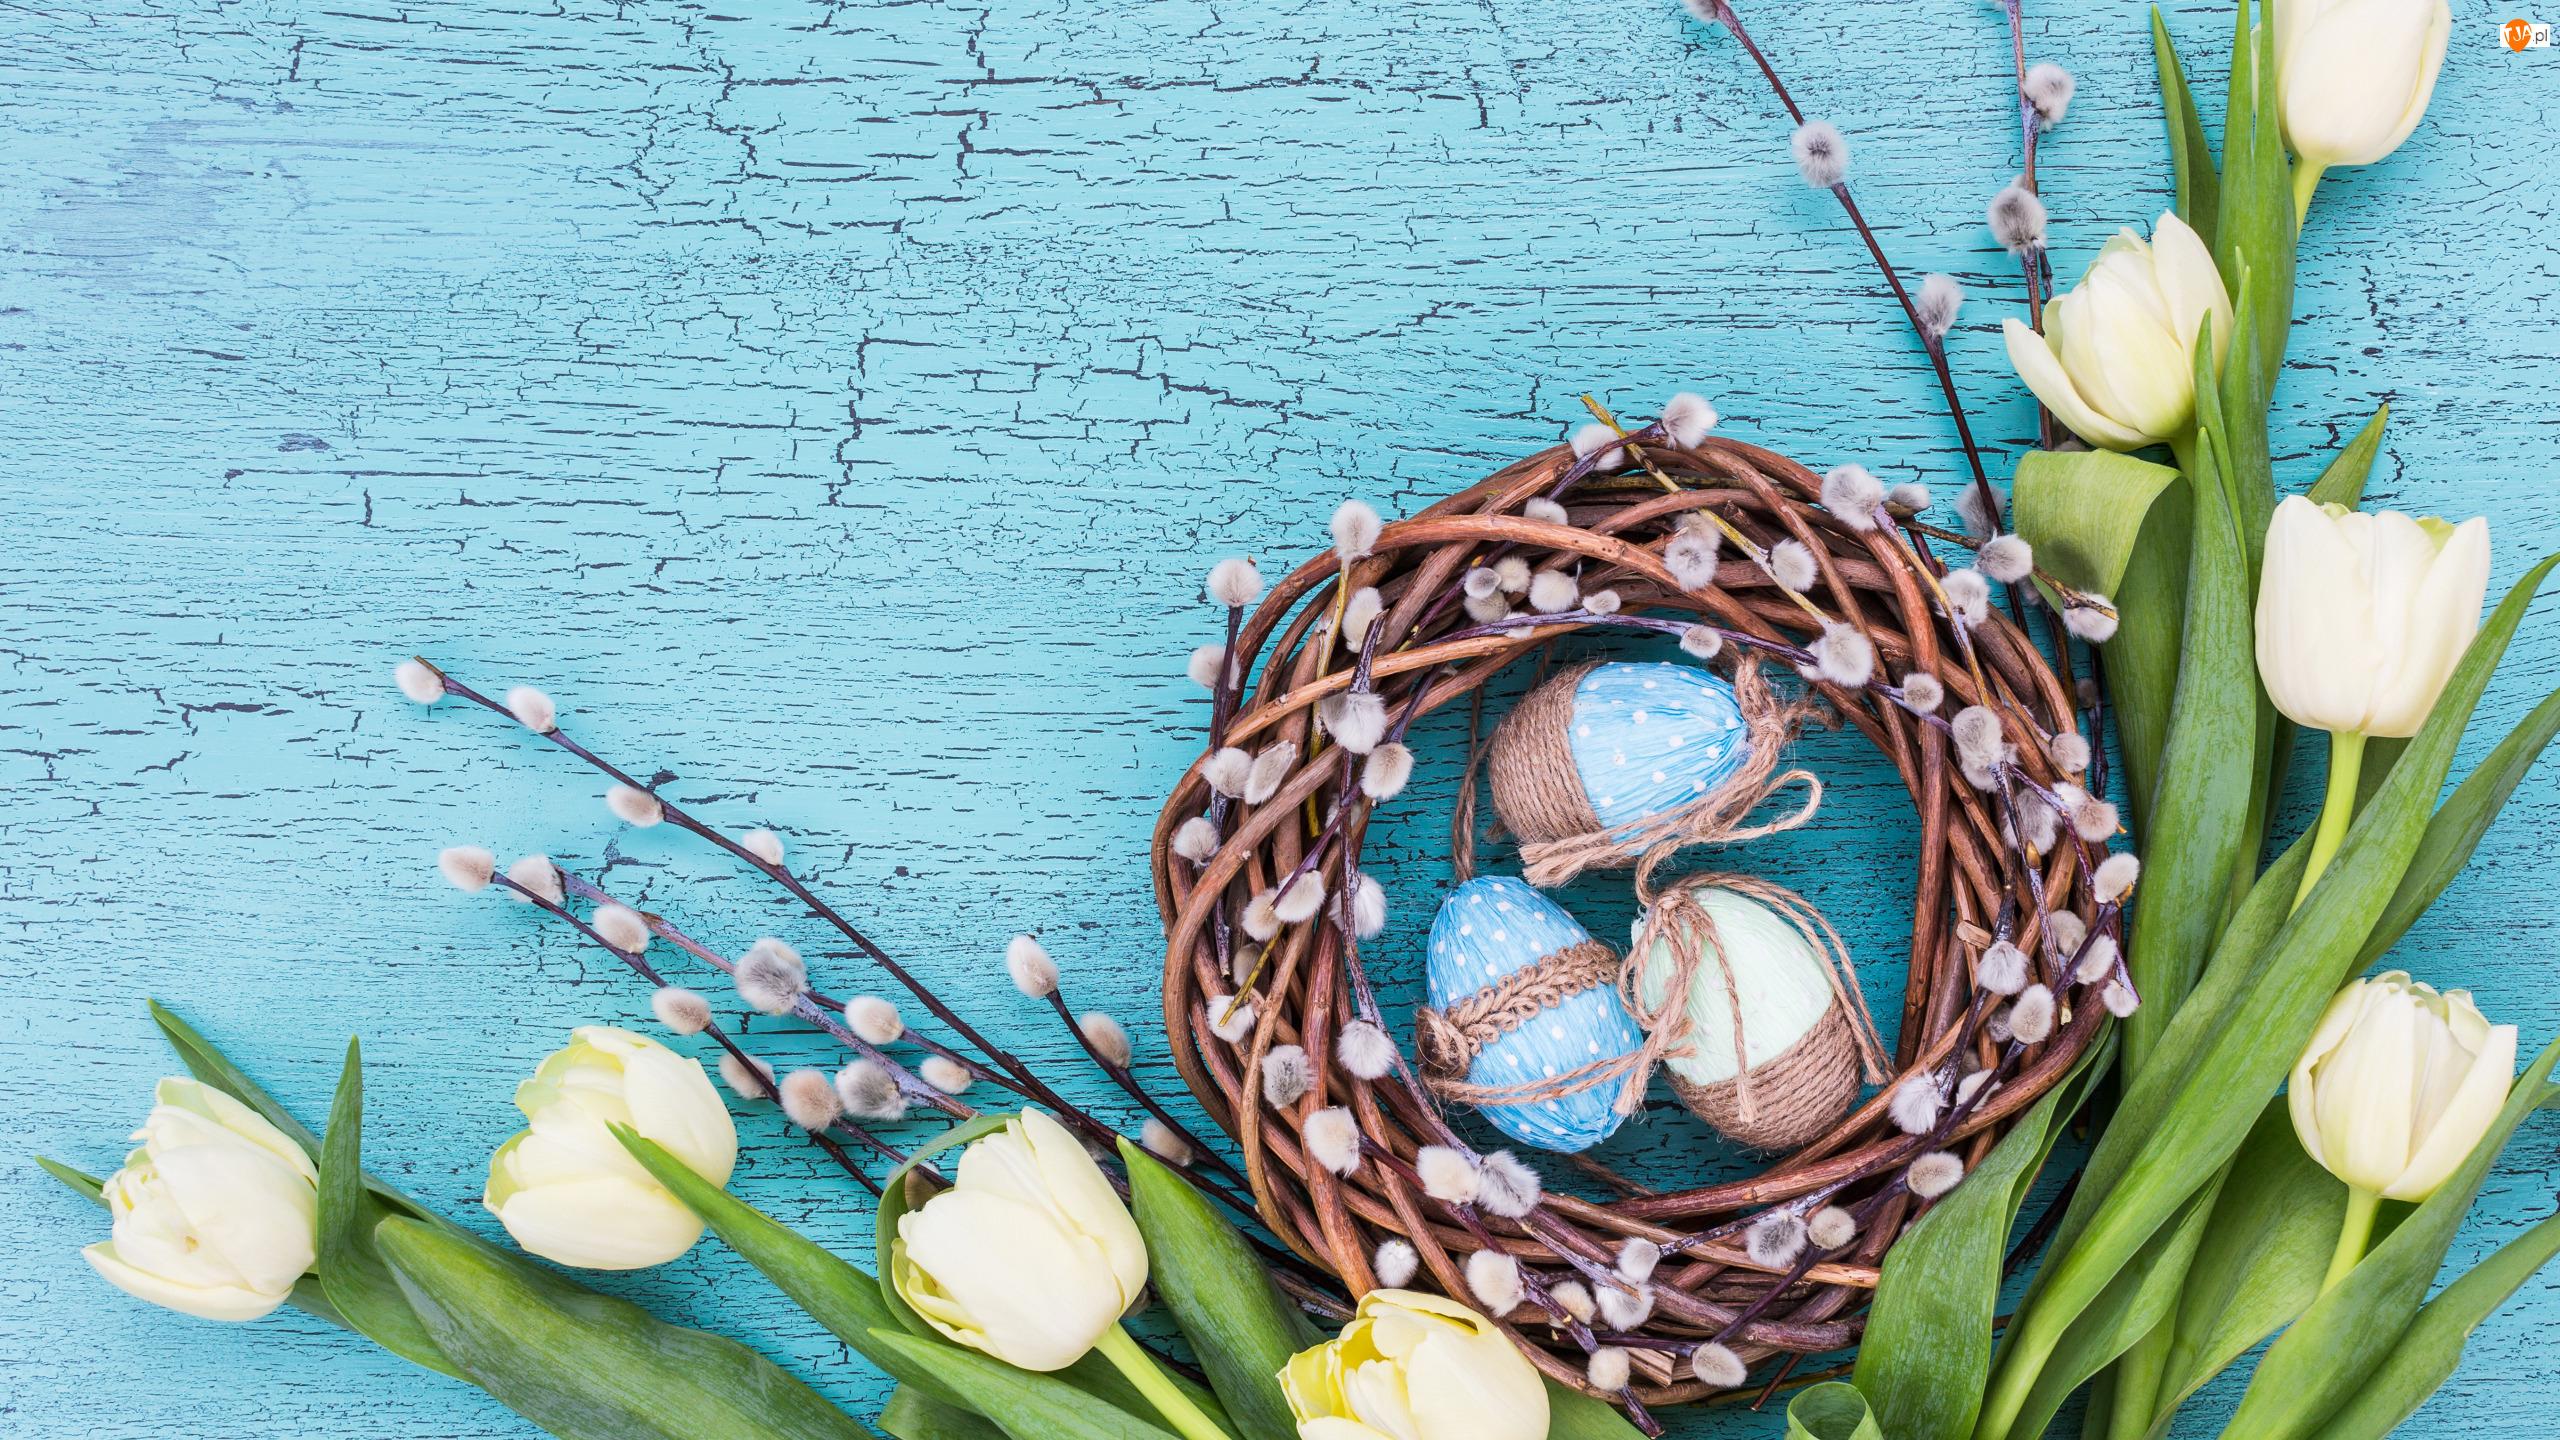 Pisanki, Wielkanoc, Bazie, Deska, Tulipany, Niebieska